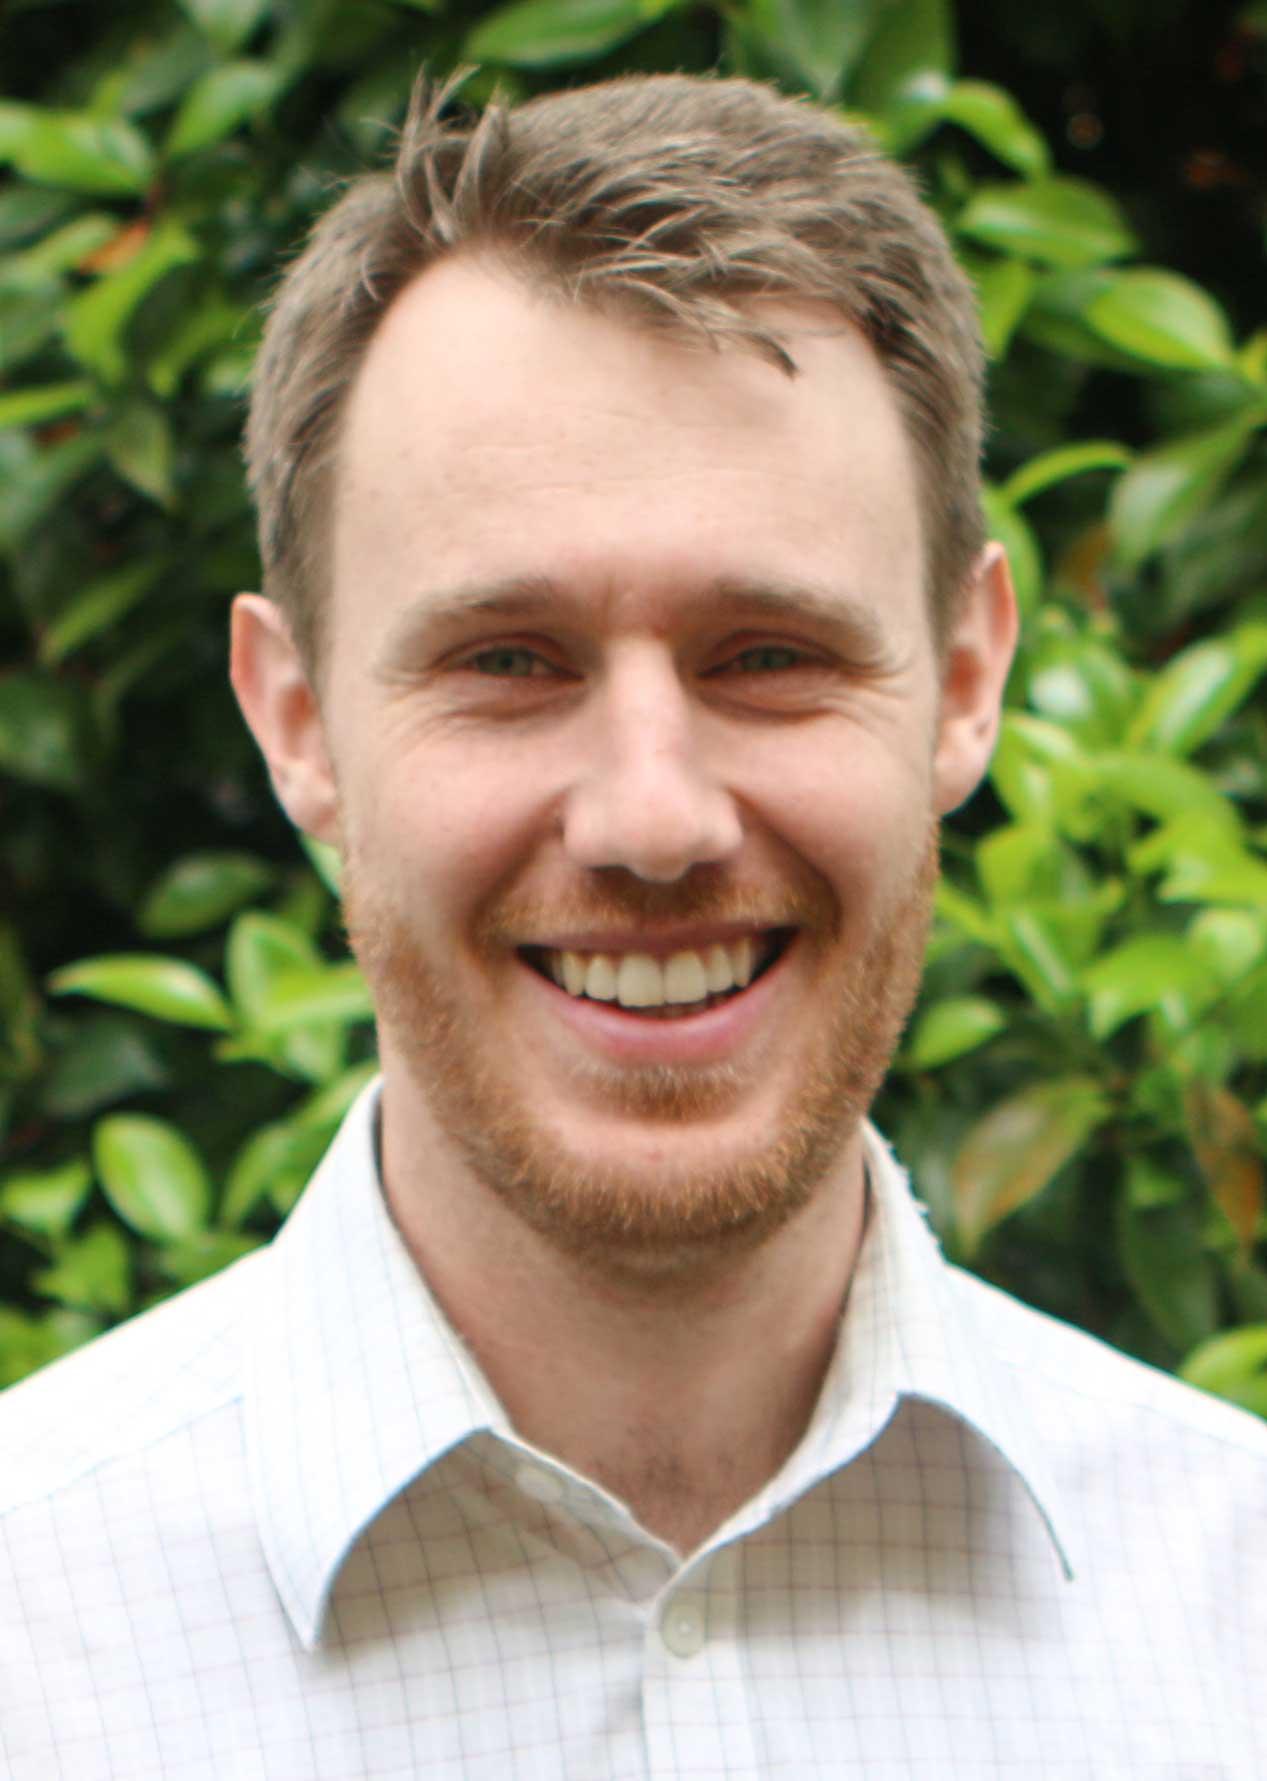 Podiatrist Ben Lemmens Profile